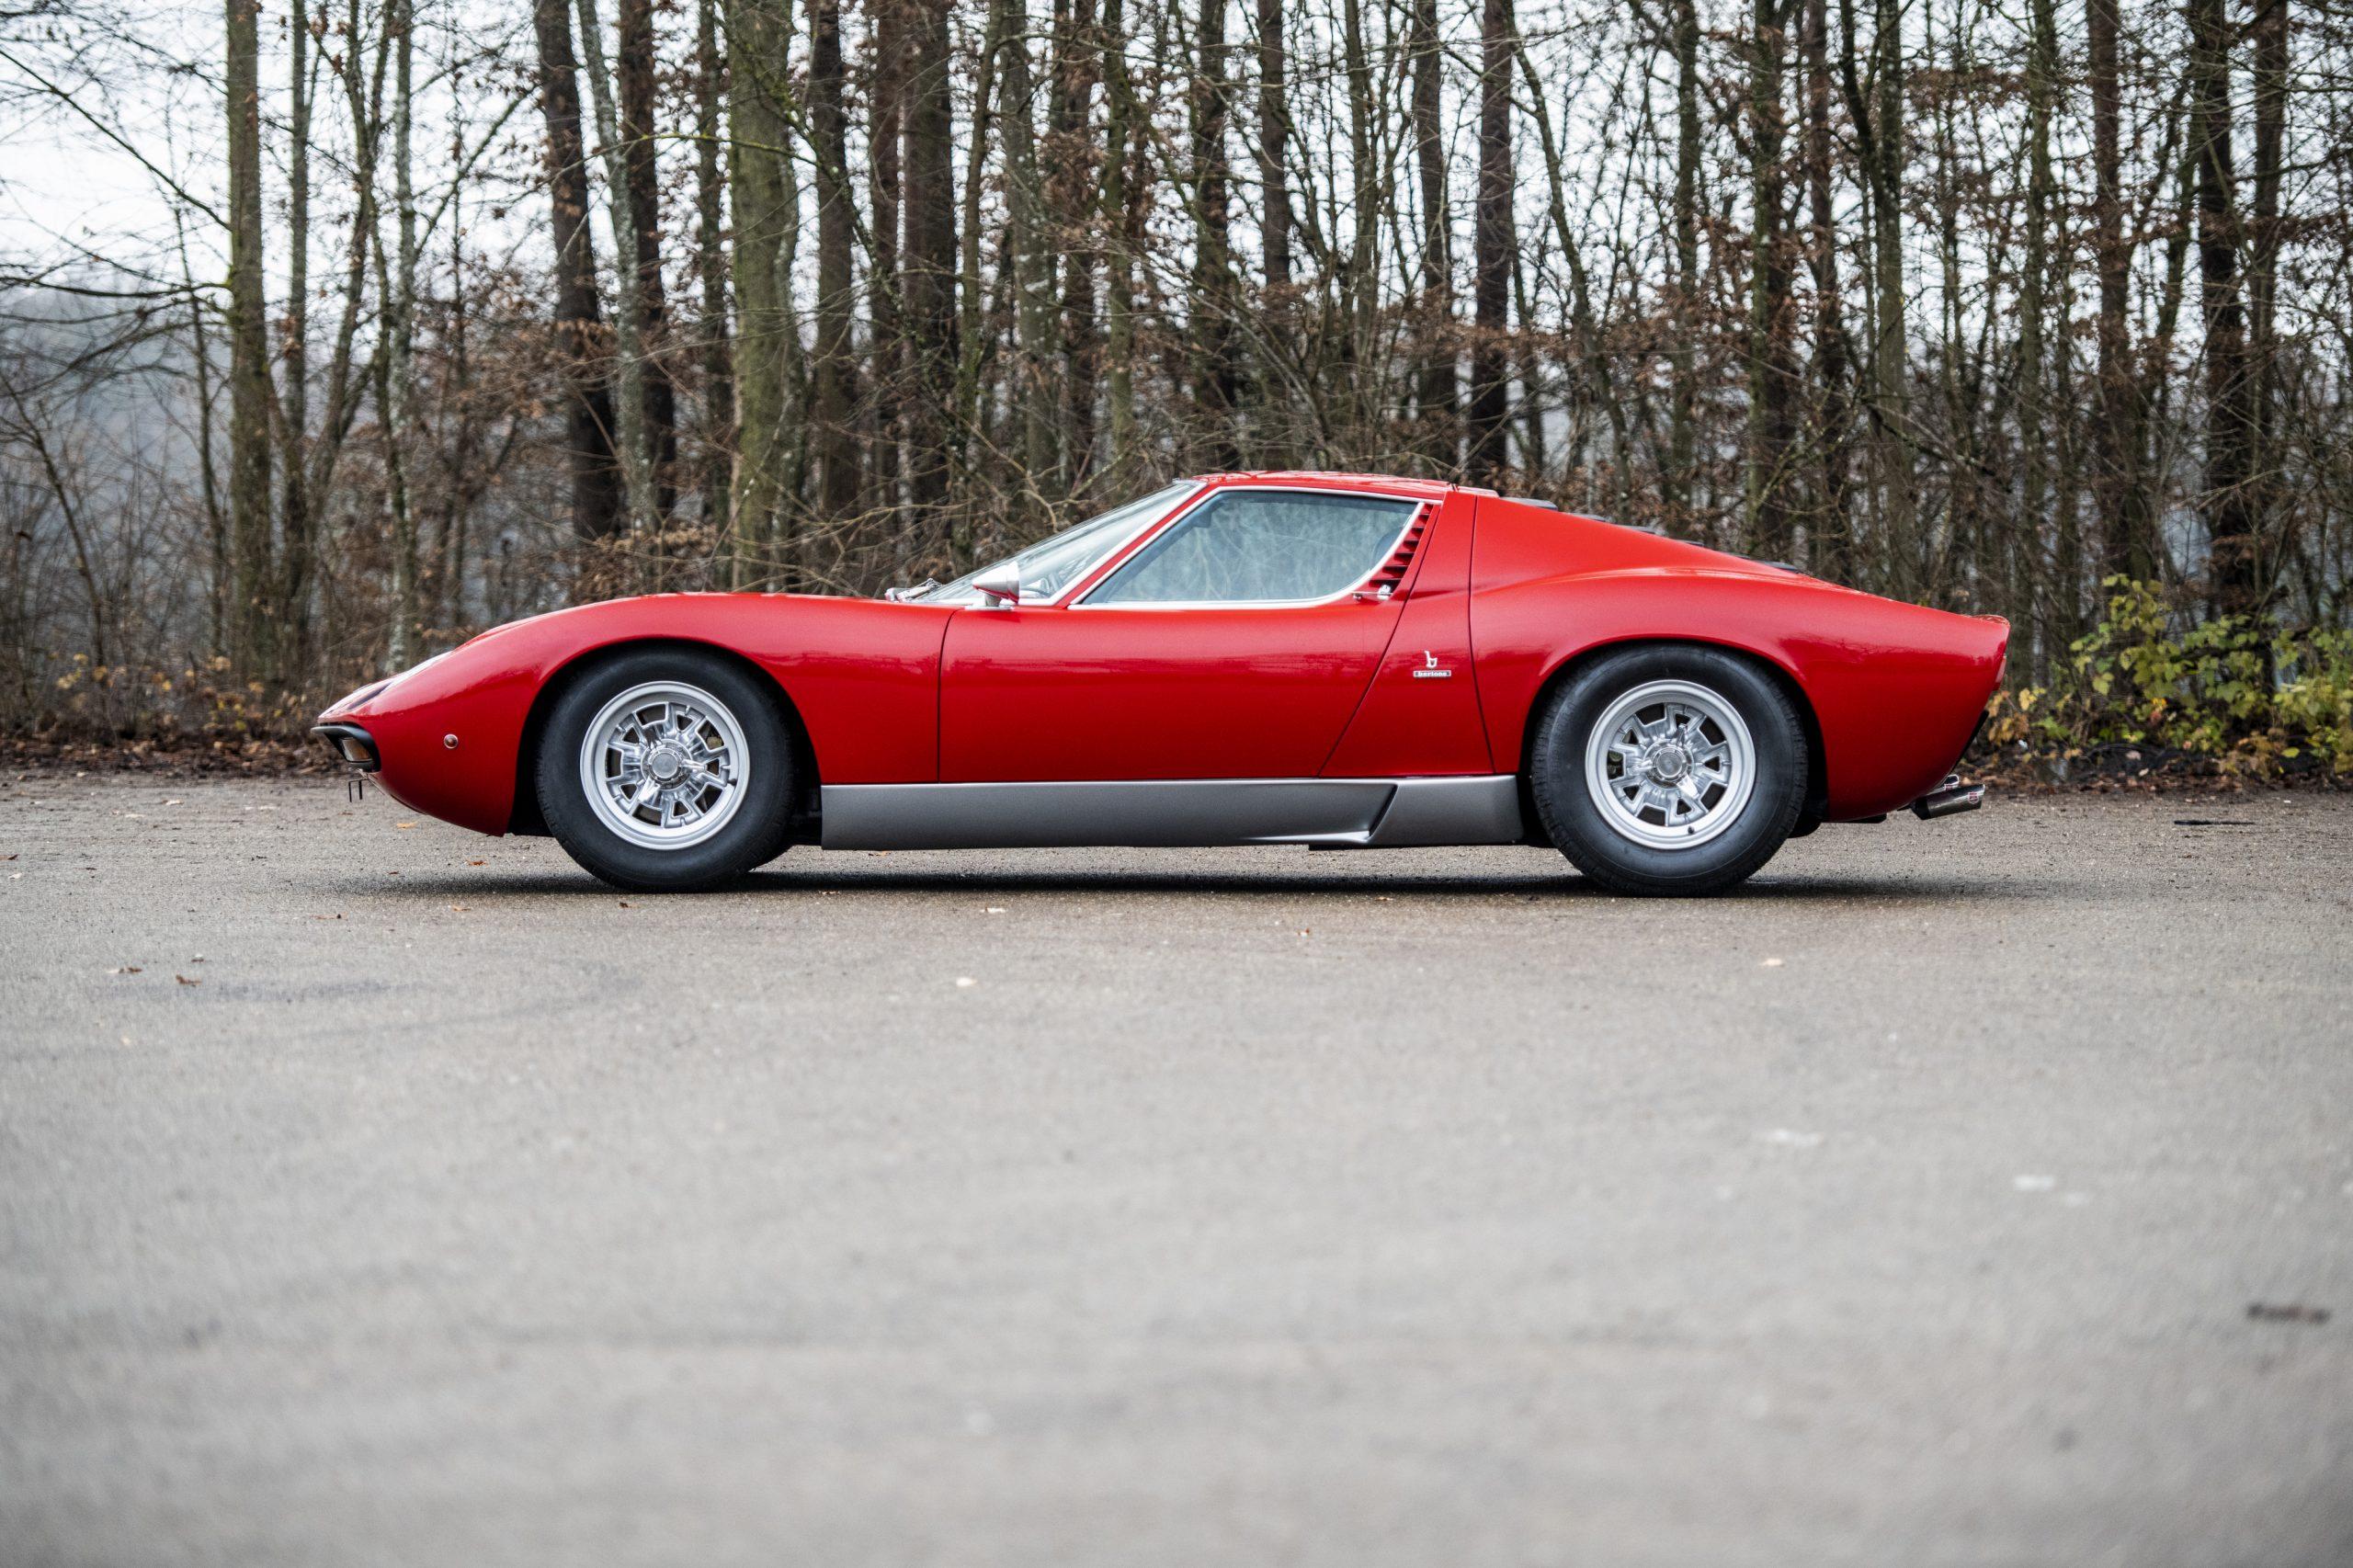 1971 Lamborghini Miura P400 SV by Bertone side profile